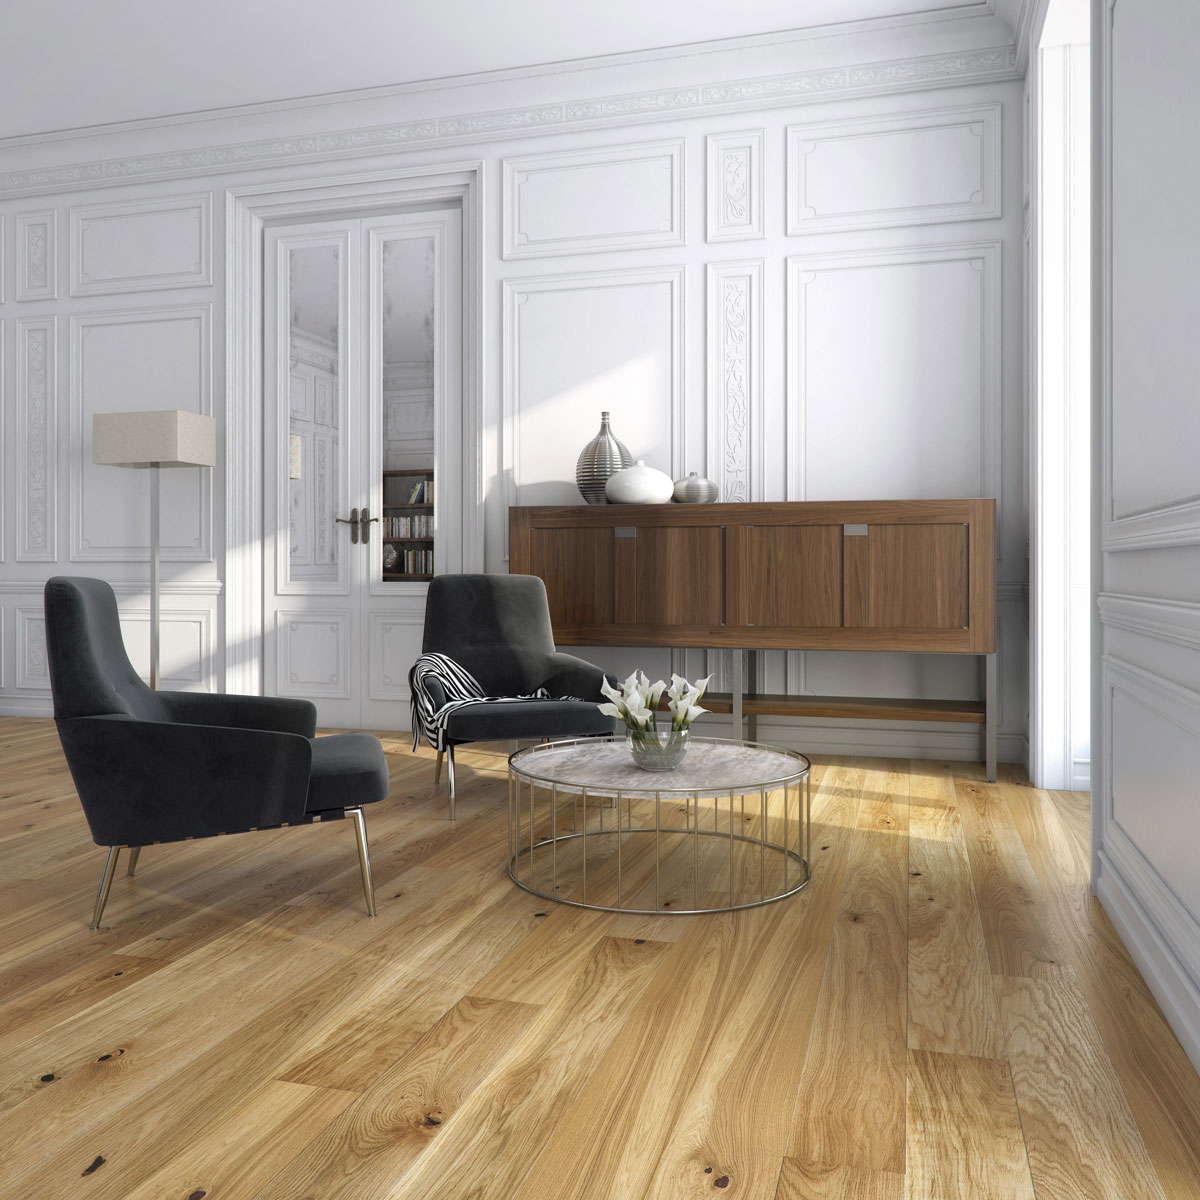 Engineered wood flooring uk sale - Natura Oak Belfast Engineered Wood Flooring